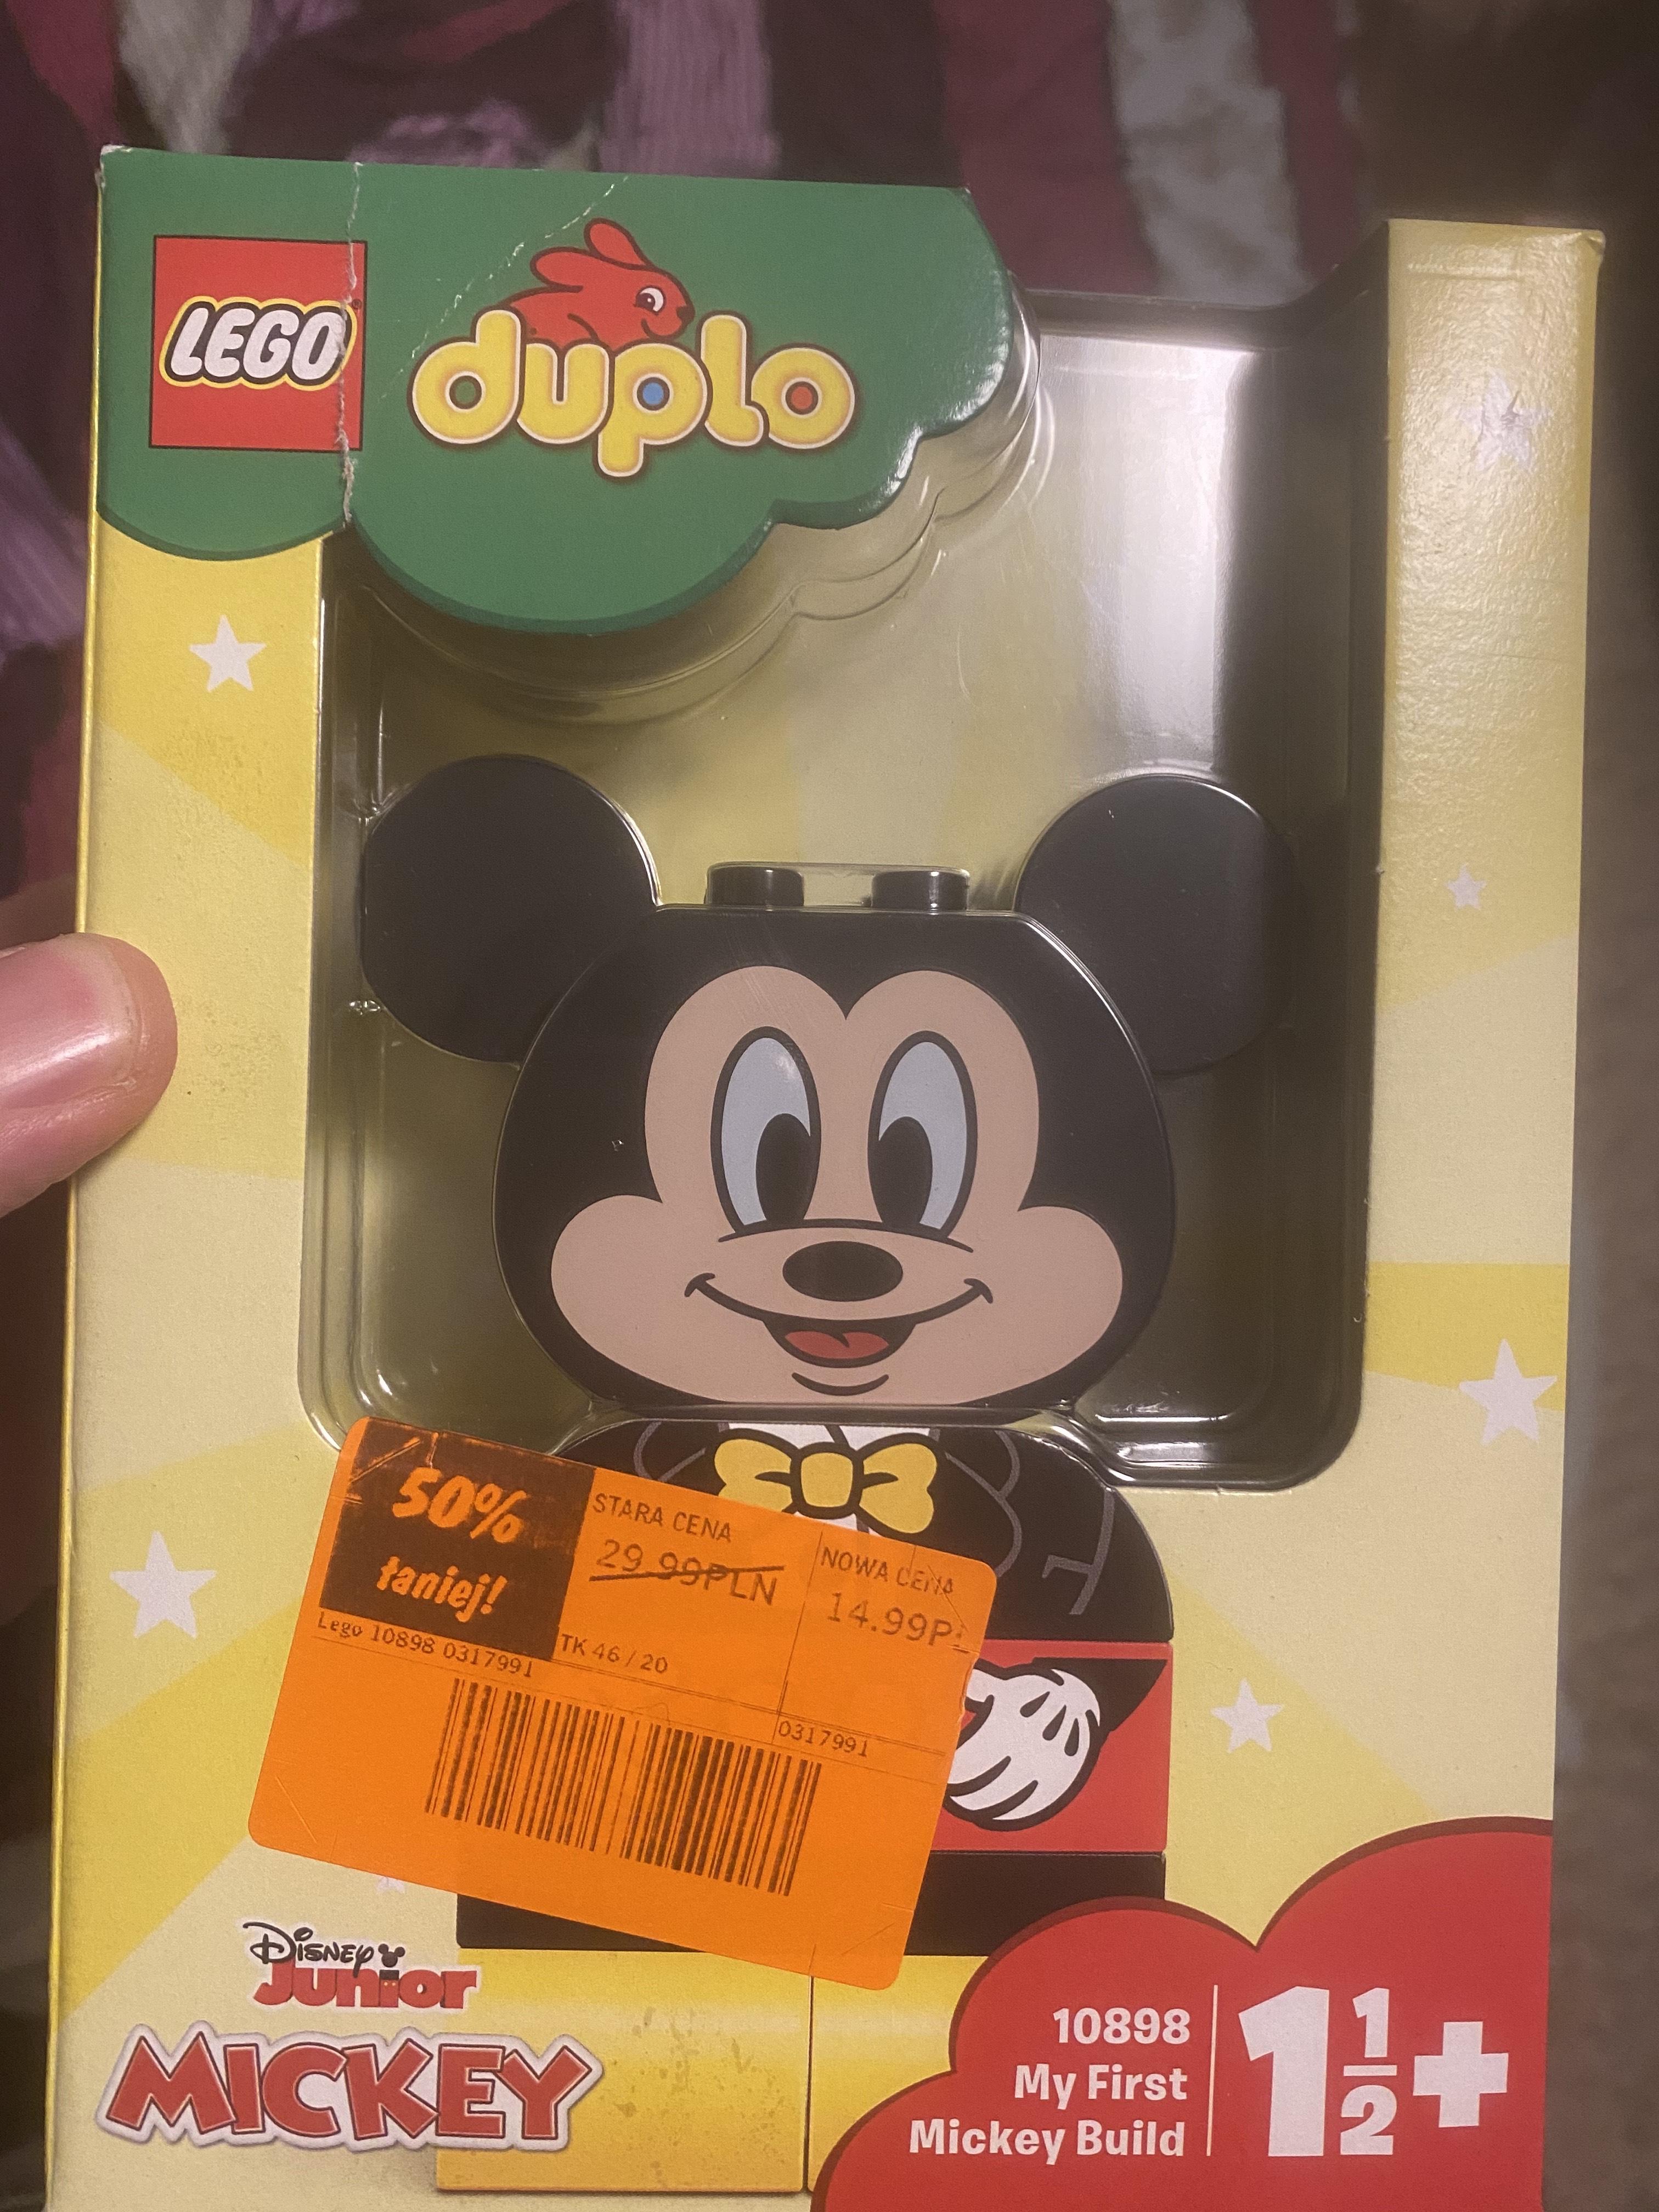 My first Mickey Build klocki duplo